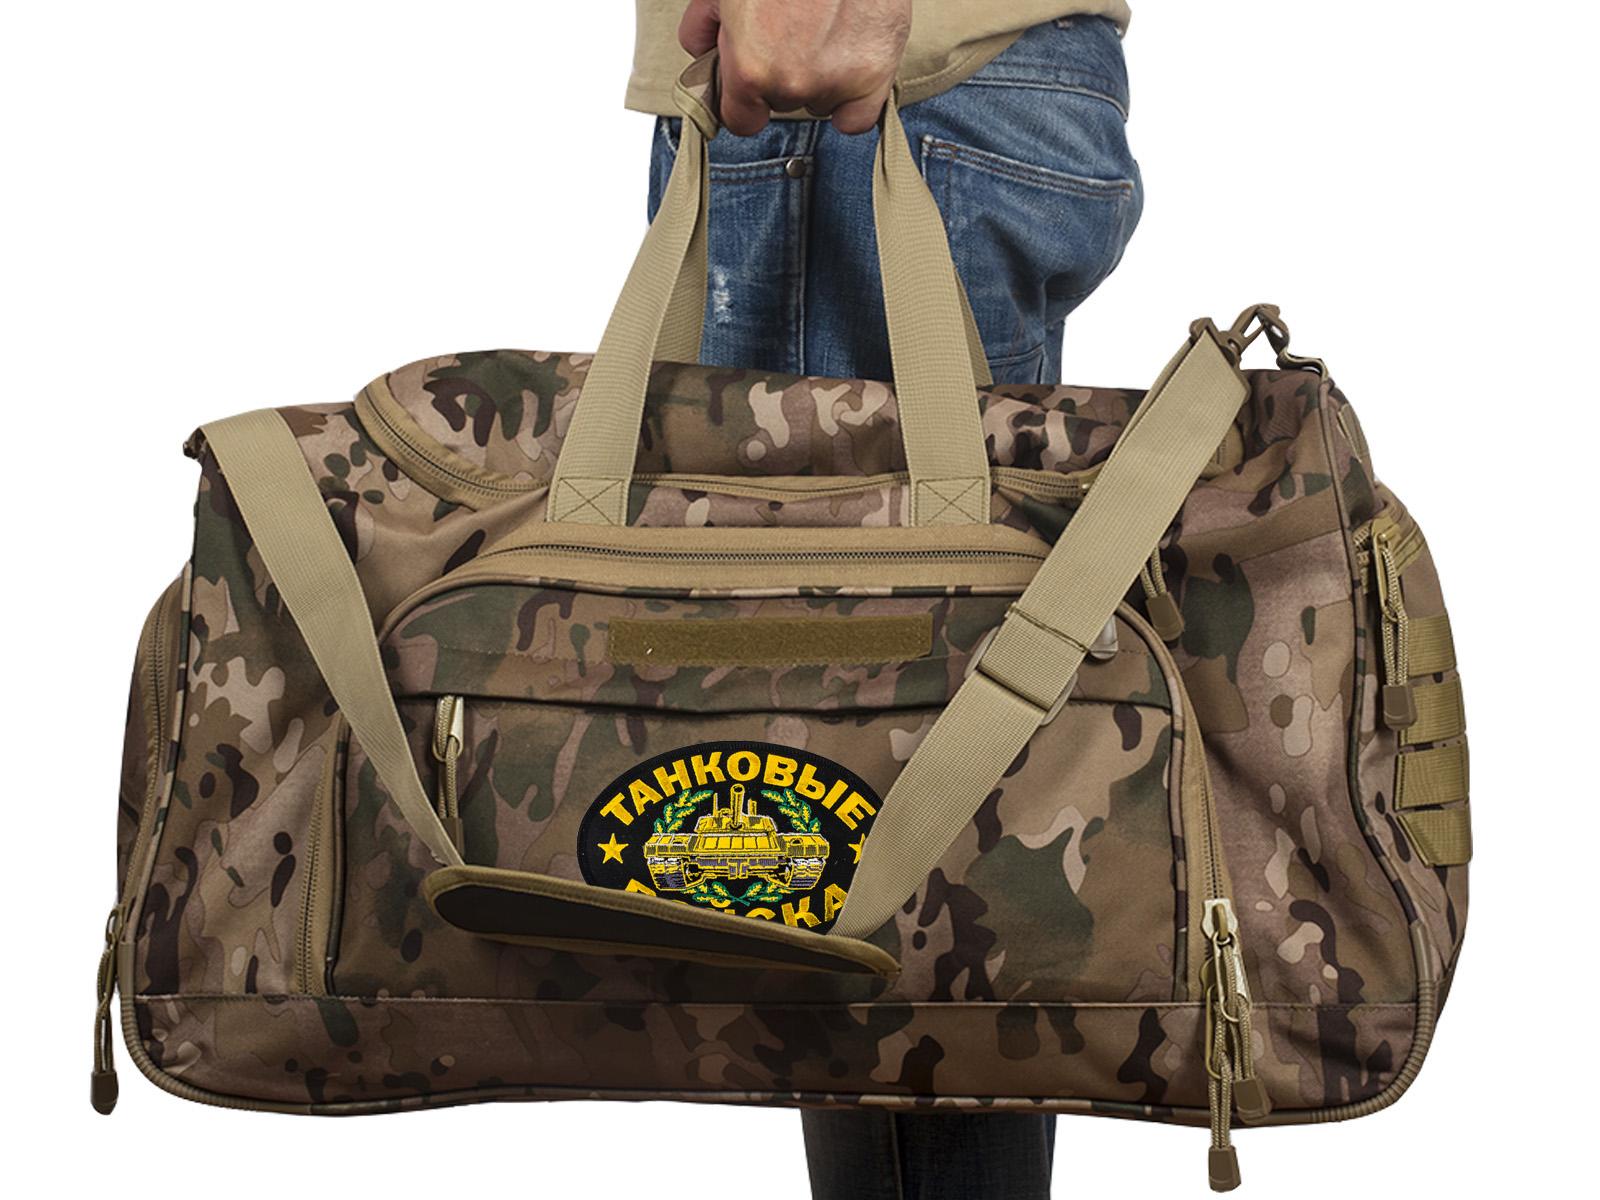 Купить армейскую тревожную сумку 08032B Multicam с нашивкой Танковые Войска с доставкой или самовывозом